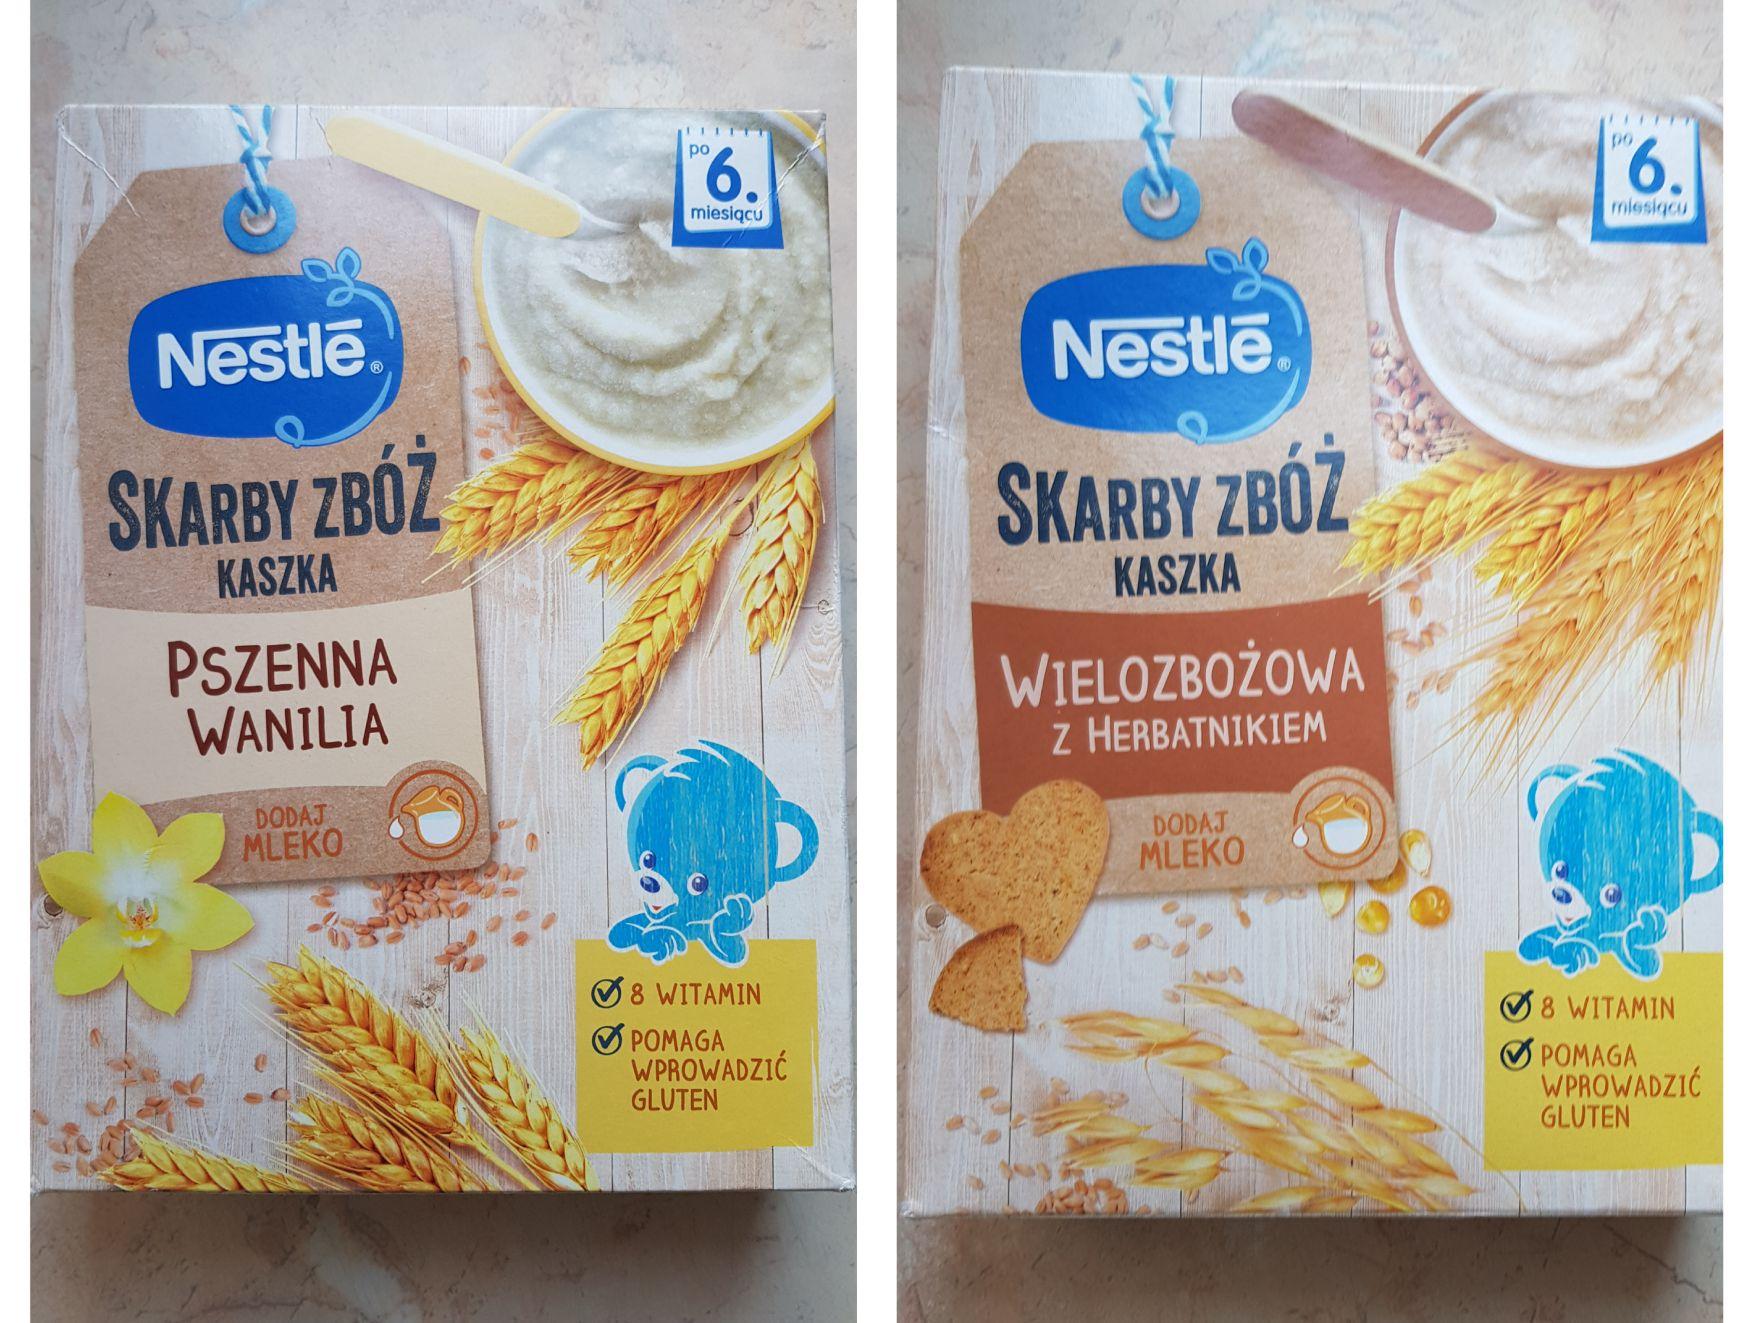 Kaszka Nestle Skarby Zbóż różne rodzaje